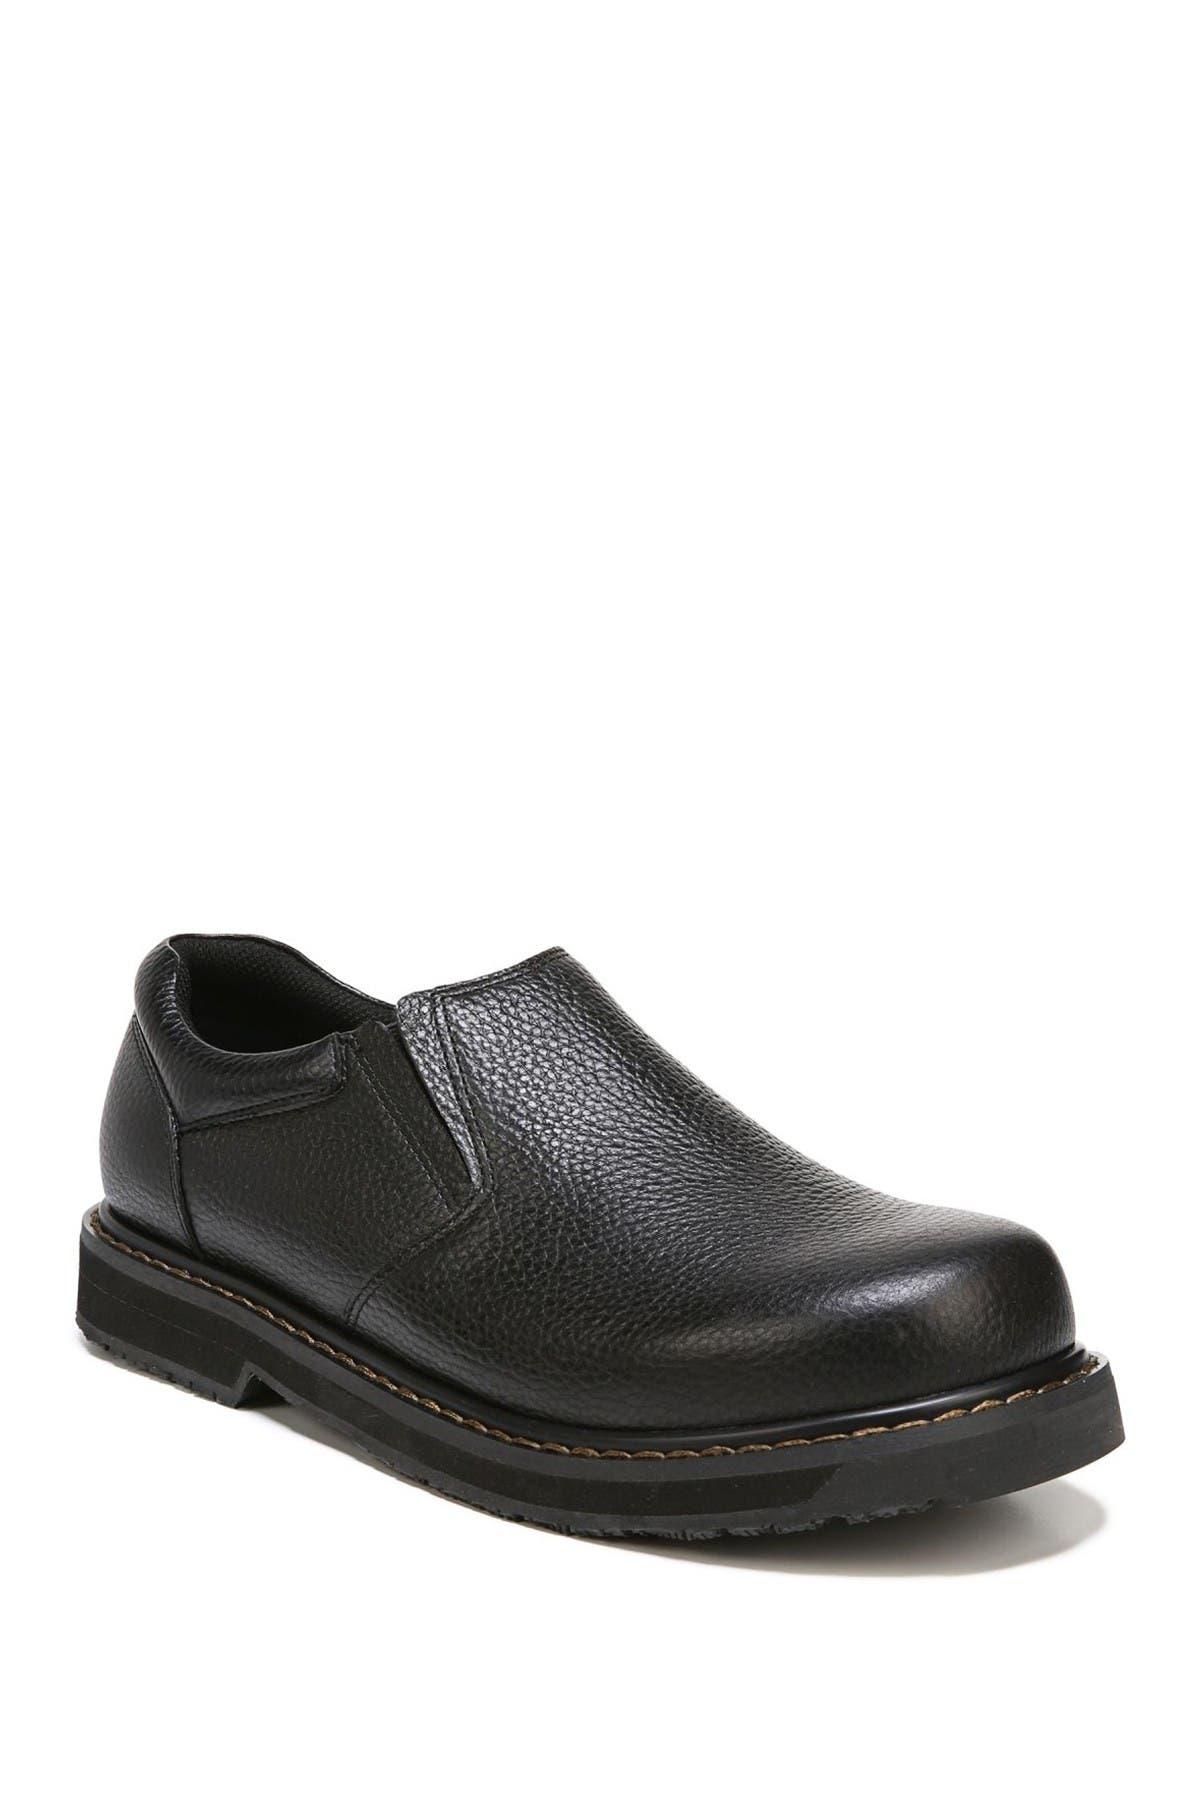 Winder II Slip Resistant Loafer